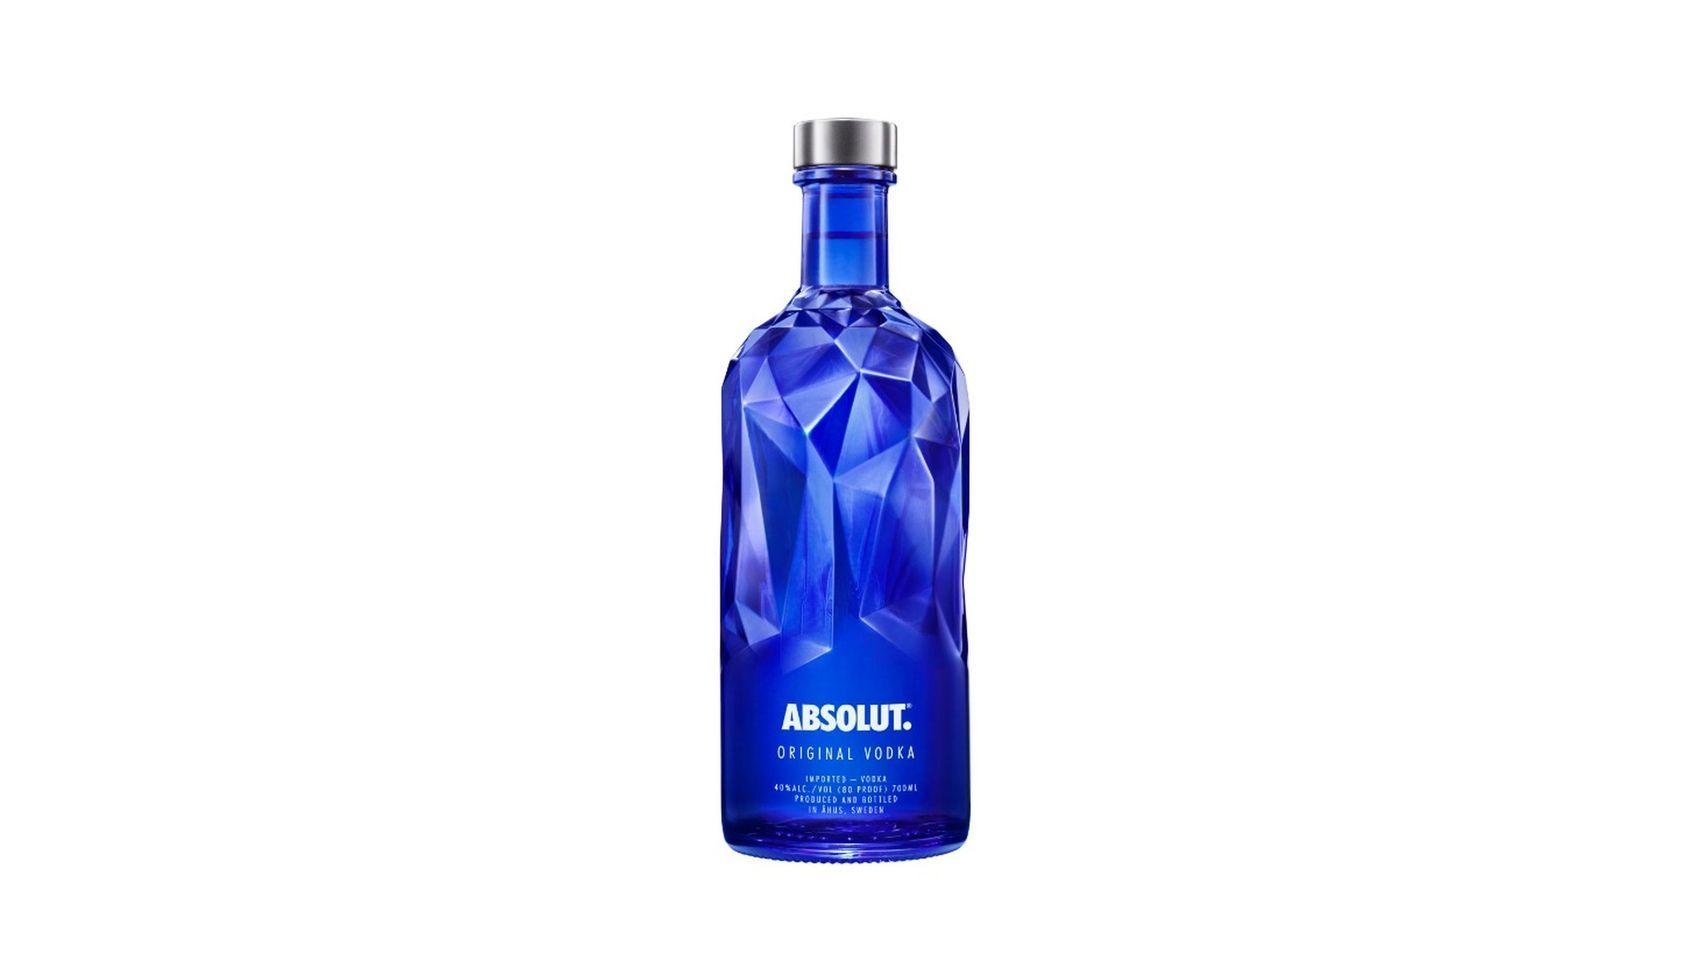 Las aristas estrelladas de la nueva edición limitada de Absolut hacen posible el trago más original para este 2017.